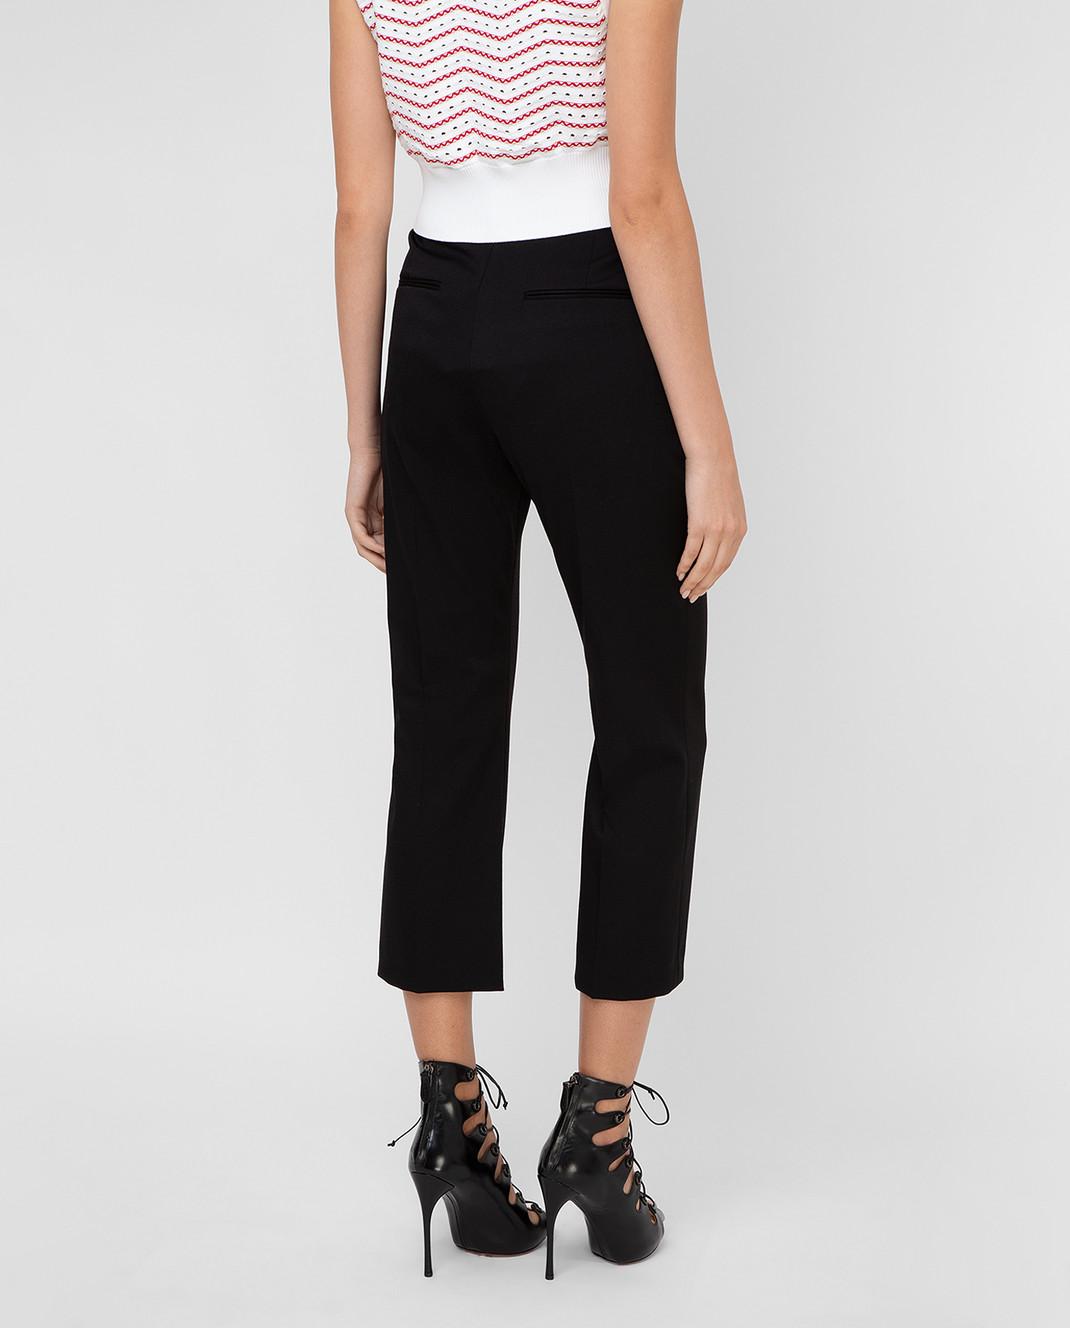 Altuzarra Черные брюки из шерсти изображение 4